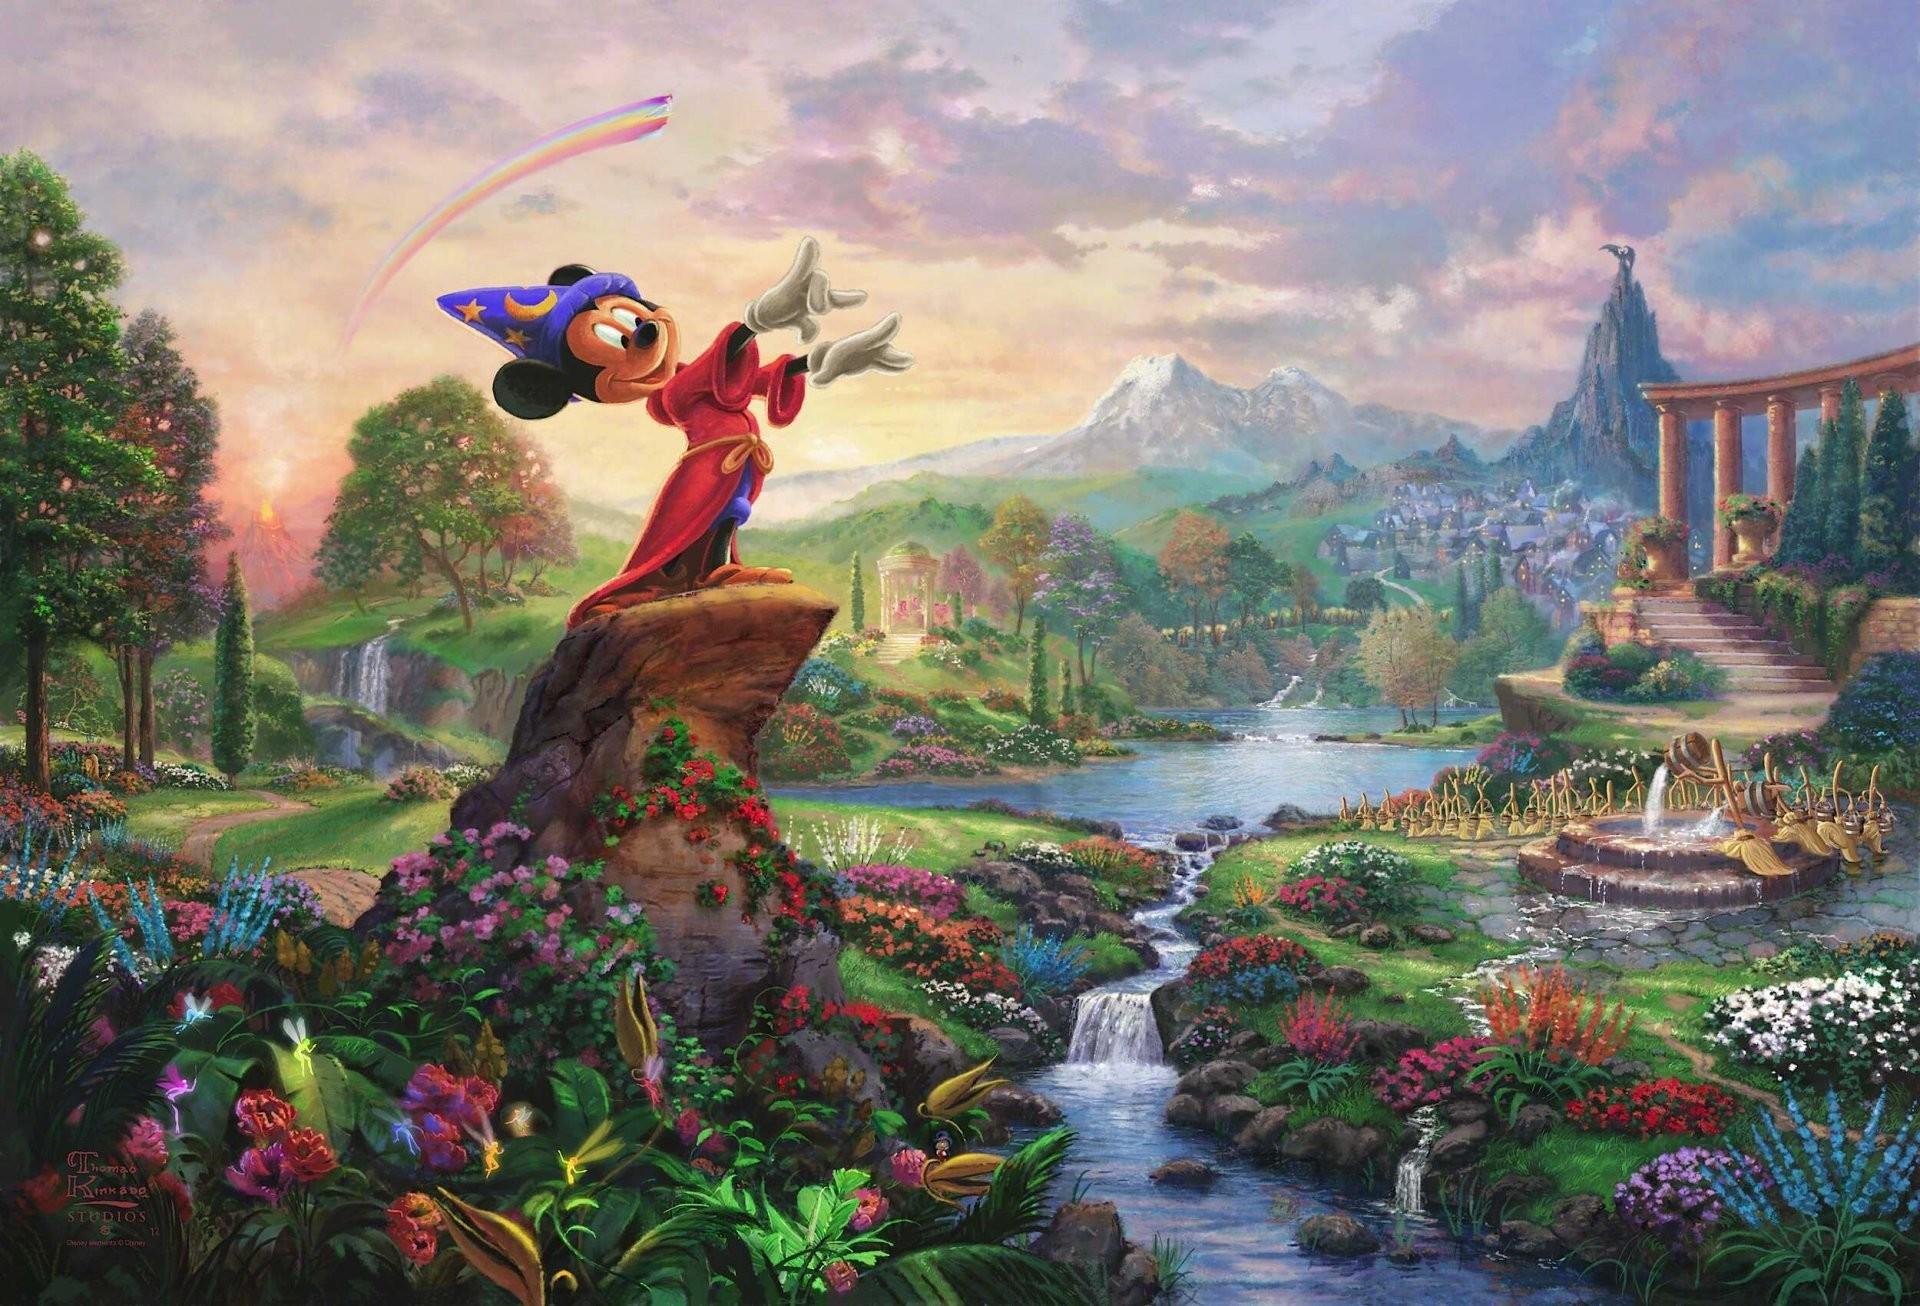 fantasia thomas kinkade painting painting thomas kinkade thomas kinkade  studios walt disney nature flower mickey mountain